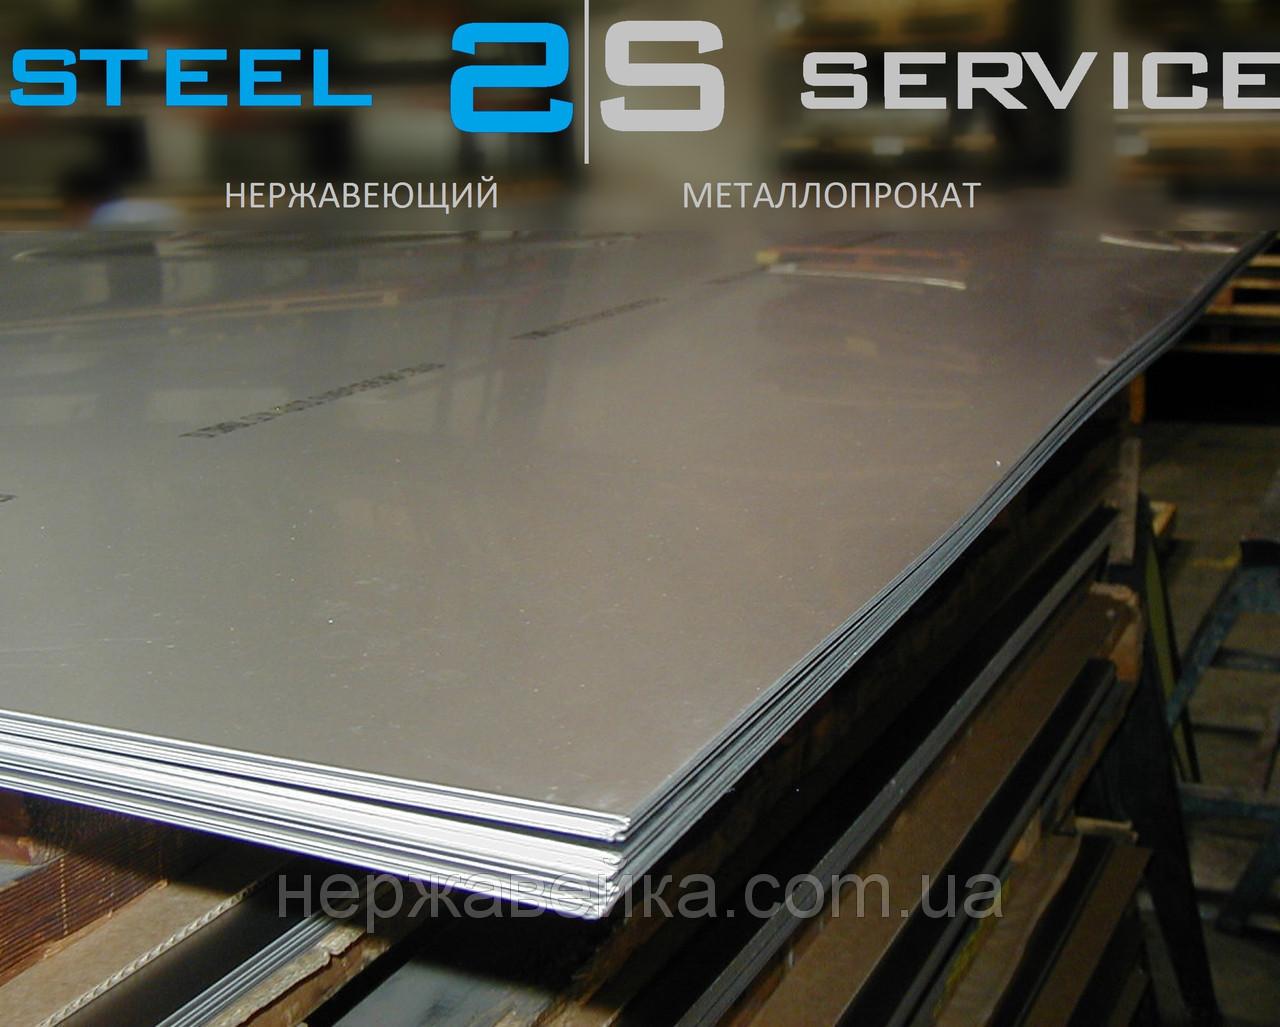 Нержавейка лист 25х1000х2000мм  AISI 309(20Х23Н13, 20Х20Н14С2) F1 - горячекатанный,  жаропрочный